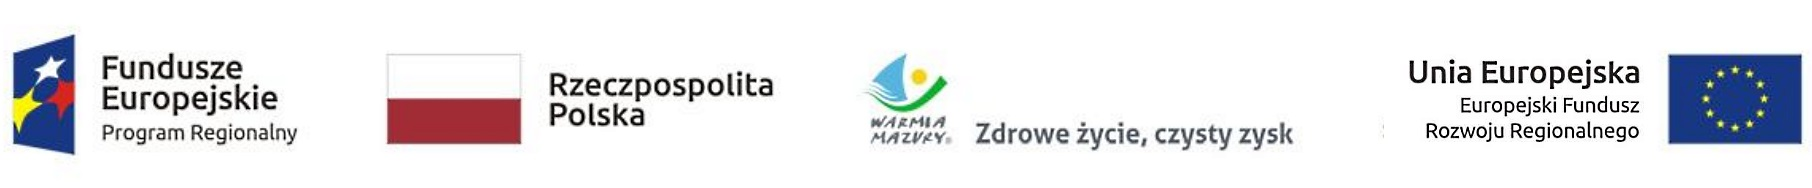 https://m.powiatszczycienski.pl/2019/10/orig/znaki-na-strone-www-25571.jpg